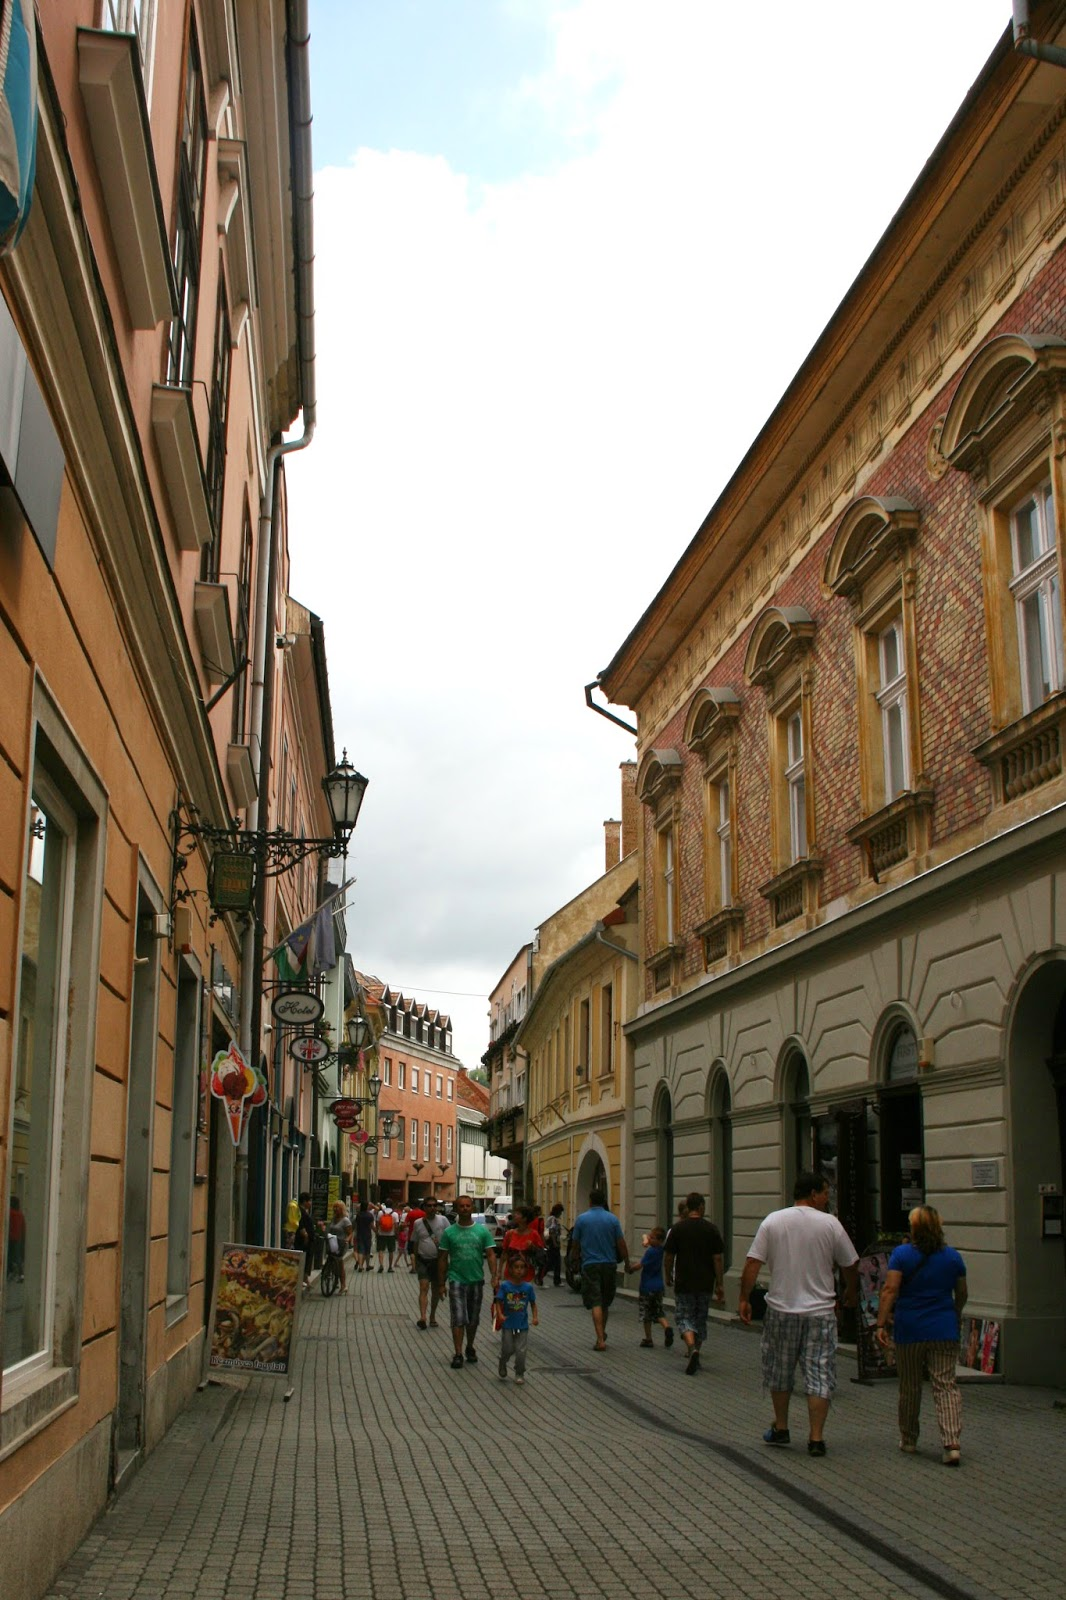 Krótkie Podsumowanie - Przerwa, wakacje, Węgry i góry. ^^